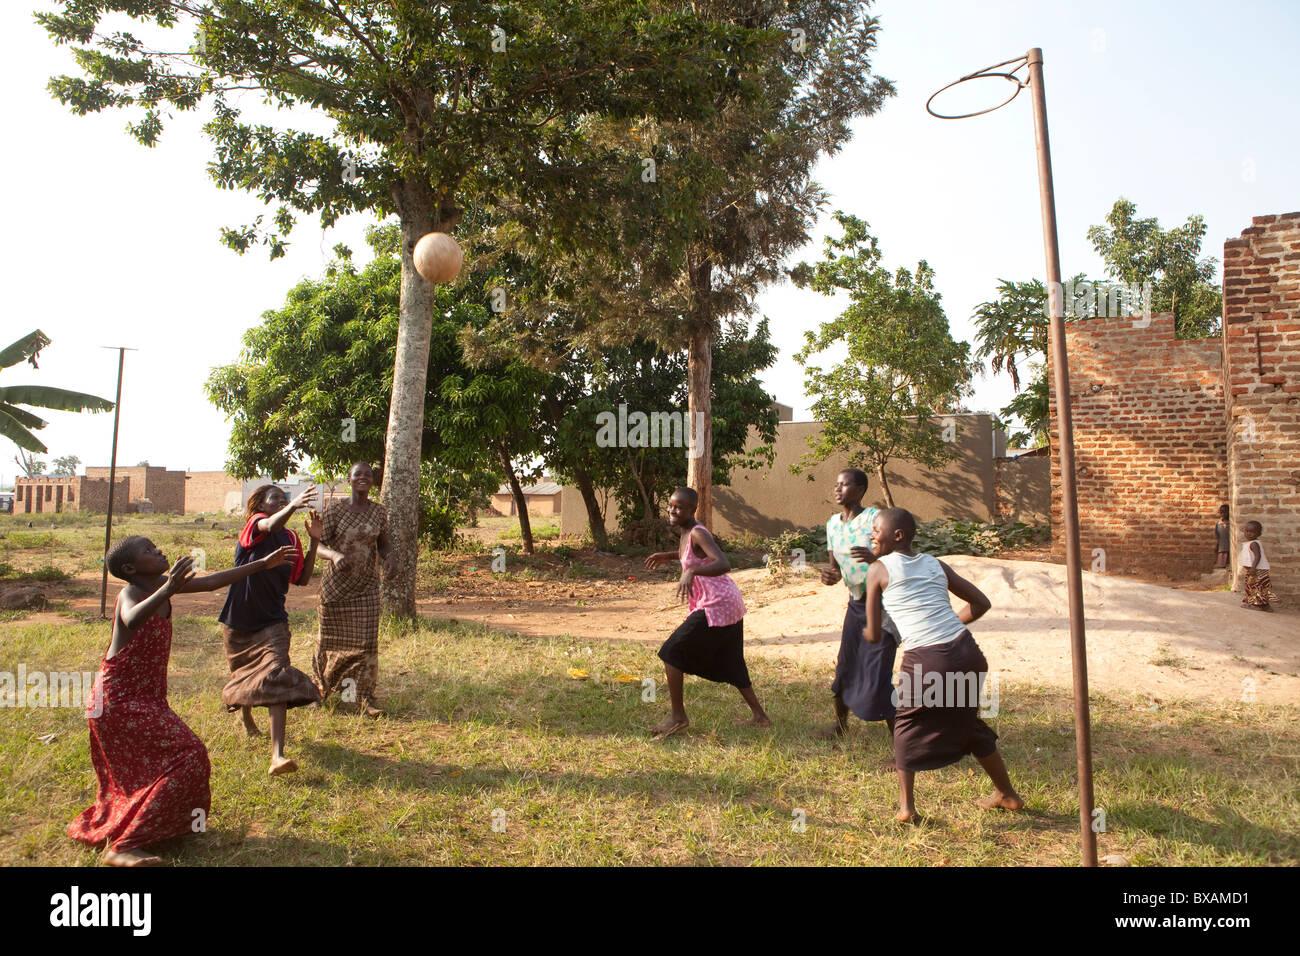 Las adolescentes jugar baloncesto en Igamba Village, distrito de Iganga, en el este de Uganda, en el África Imagen De Stock